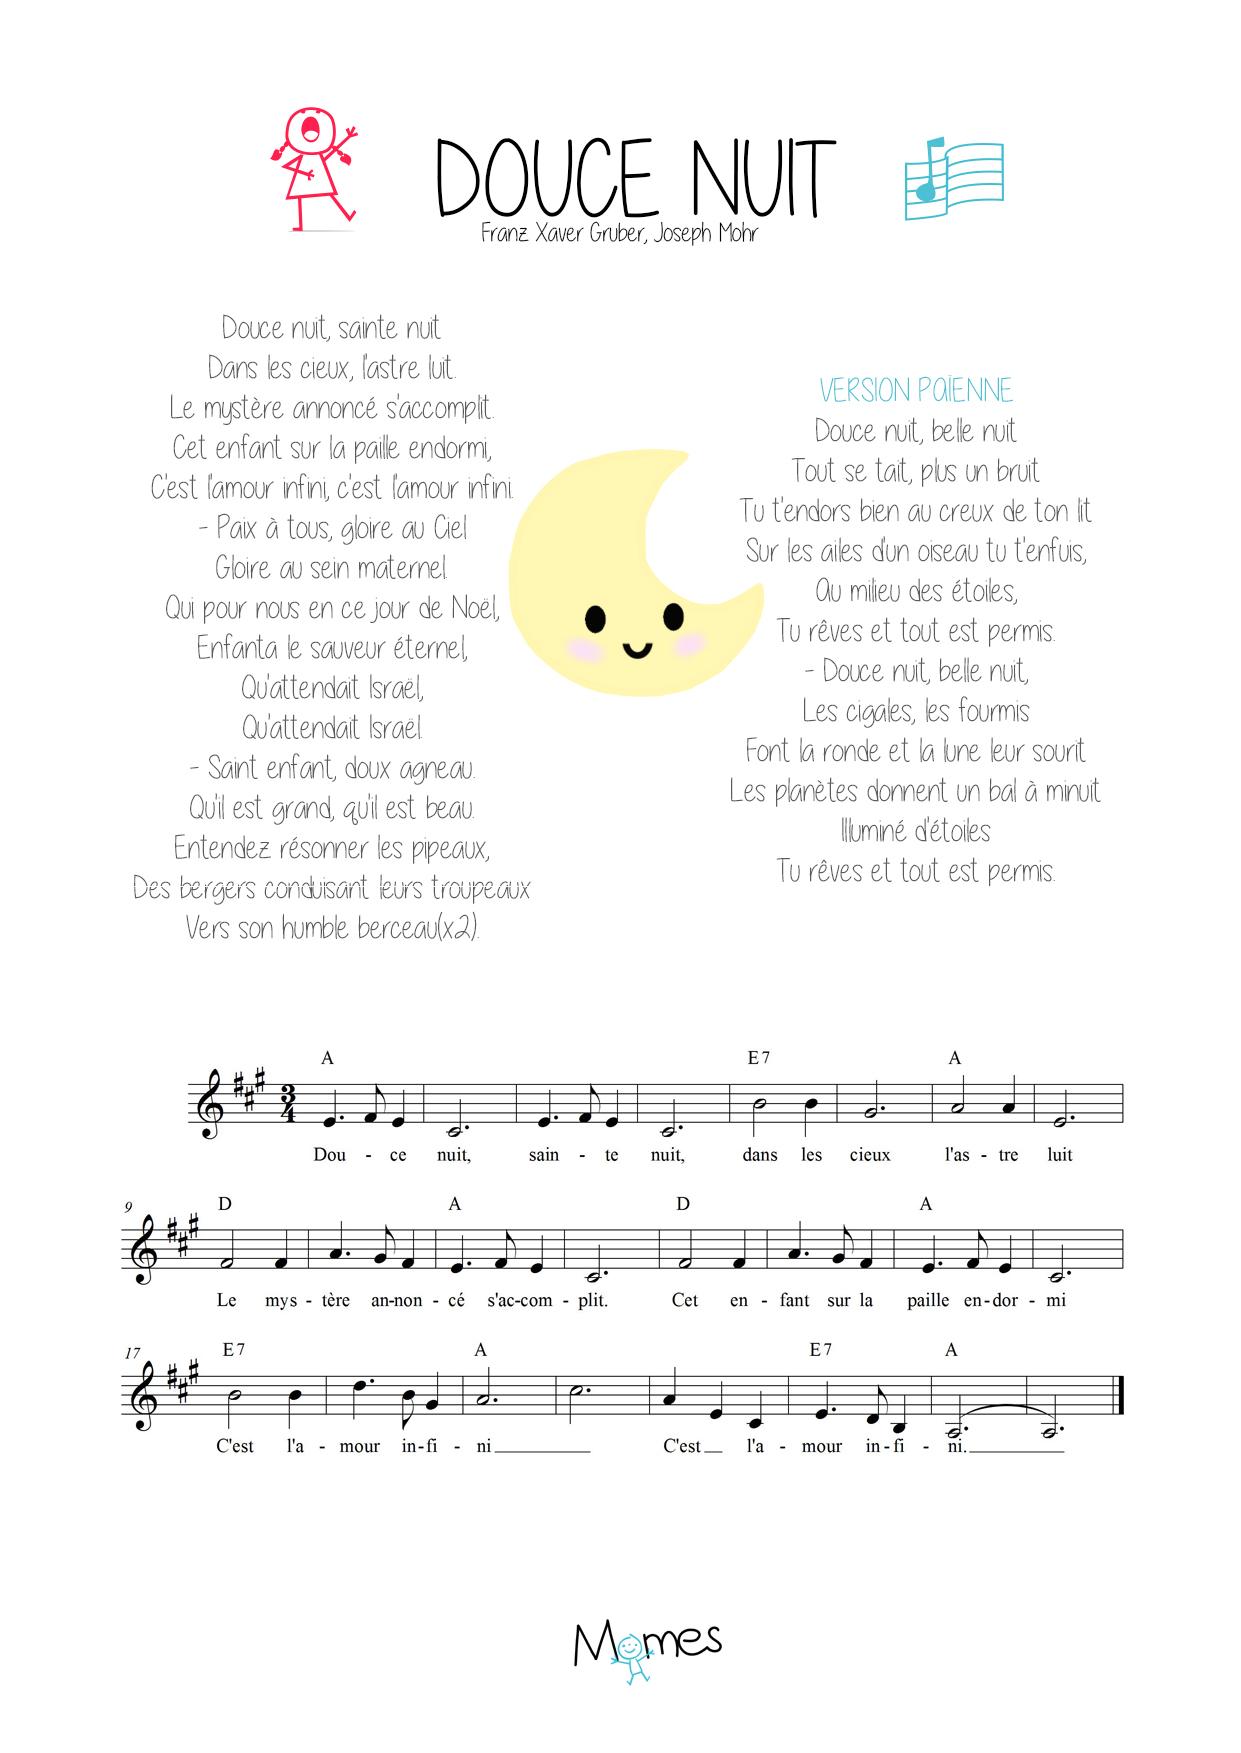 chanson de noel d'origine francaise